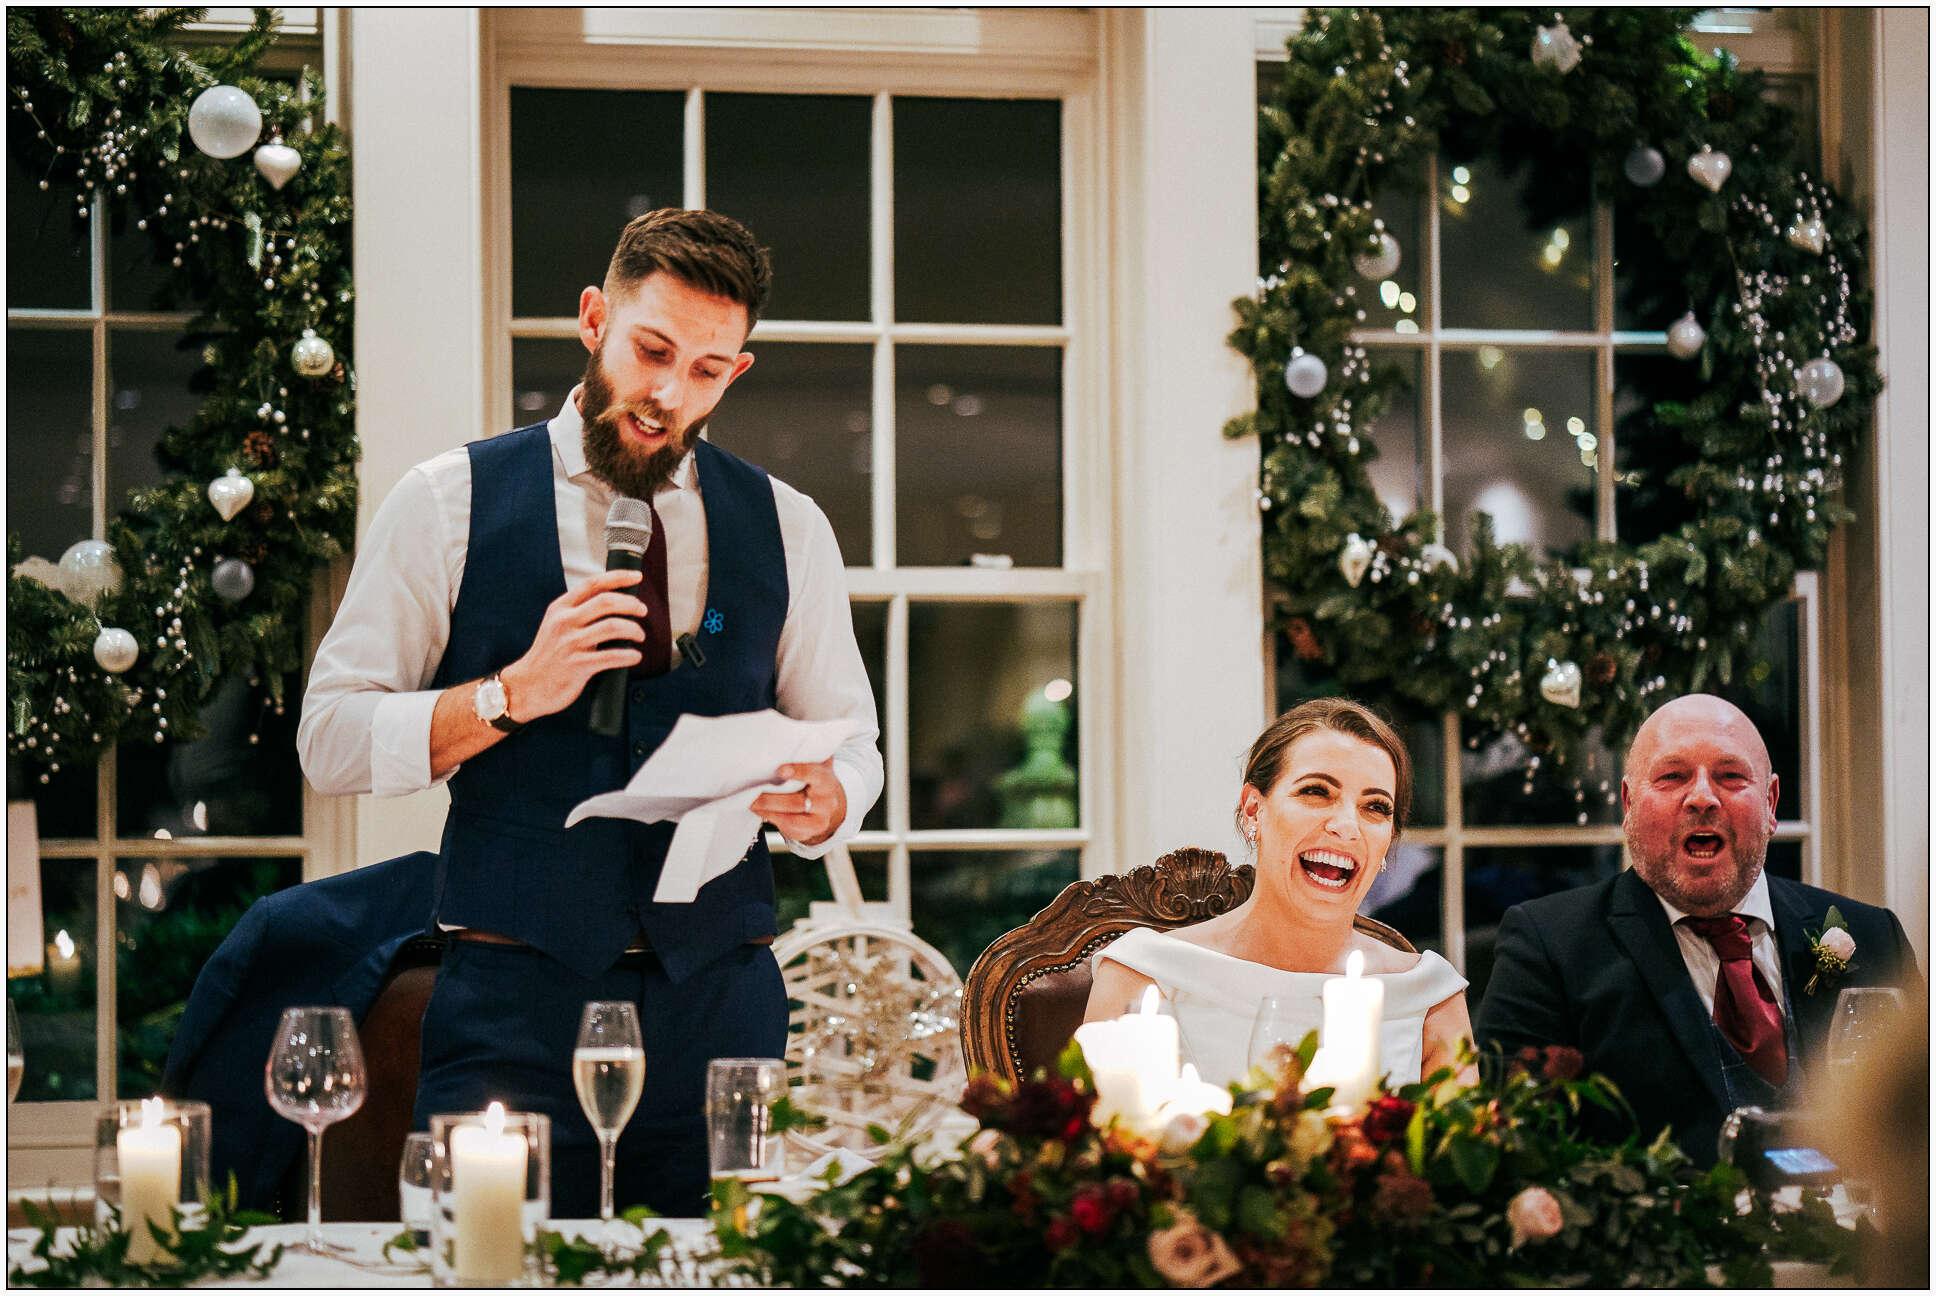 Mitton_Hall_Christmas_Wedding-58.jpg